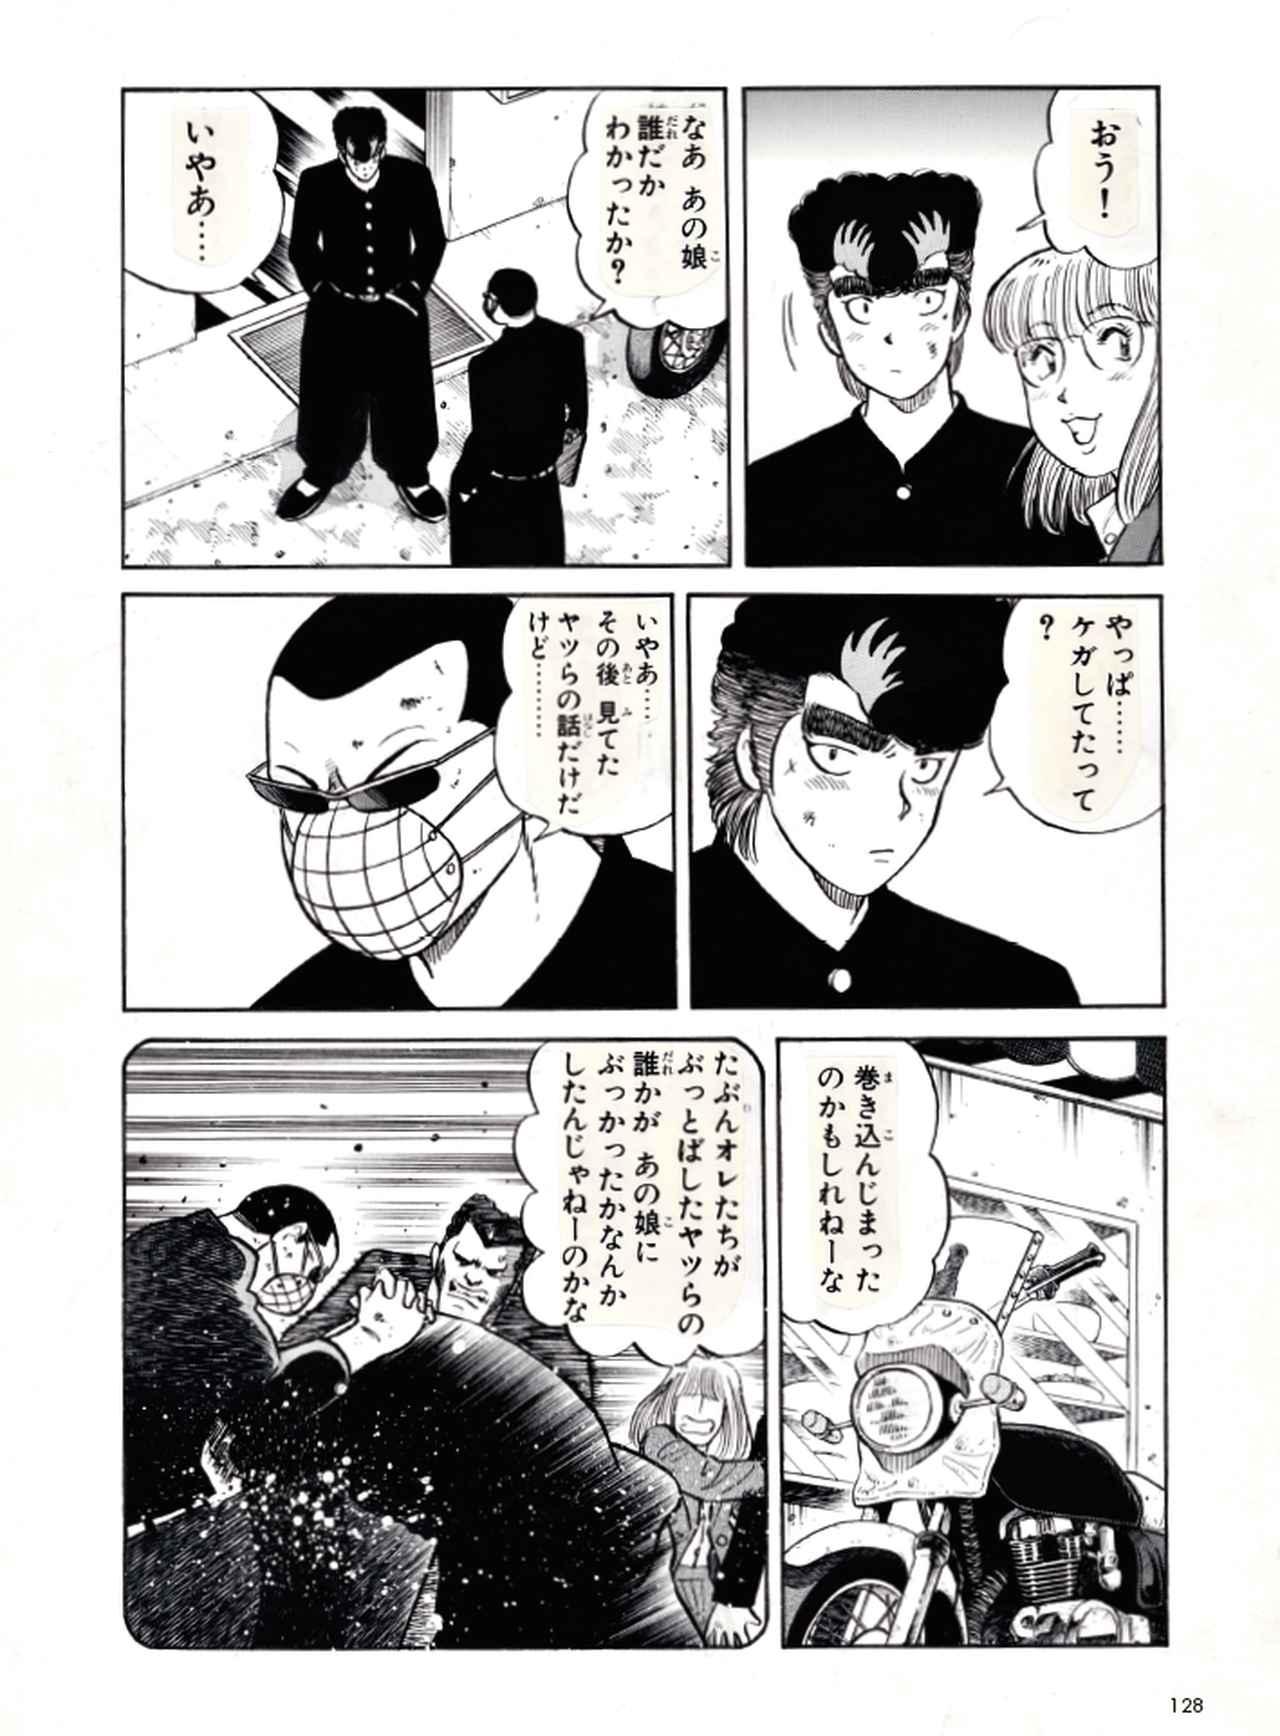 画像2: (湘南爆走族©吉田聡©モーターマガジン社) www.motormagazine.co.jp